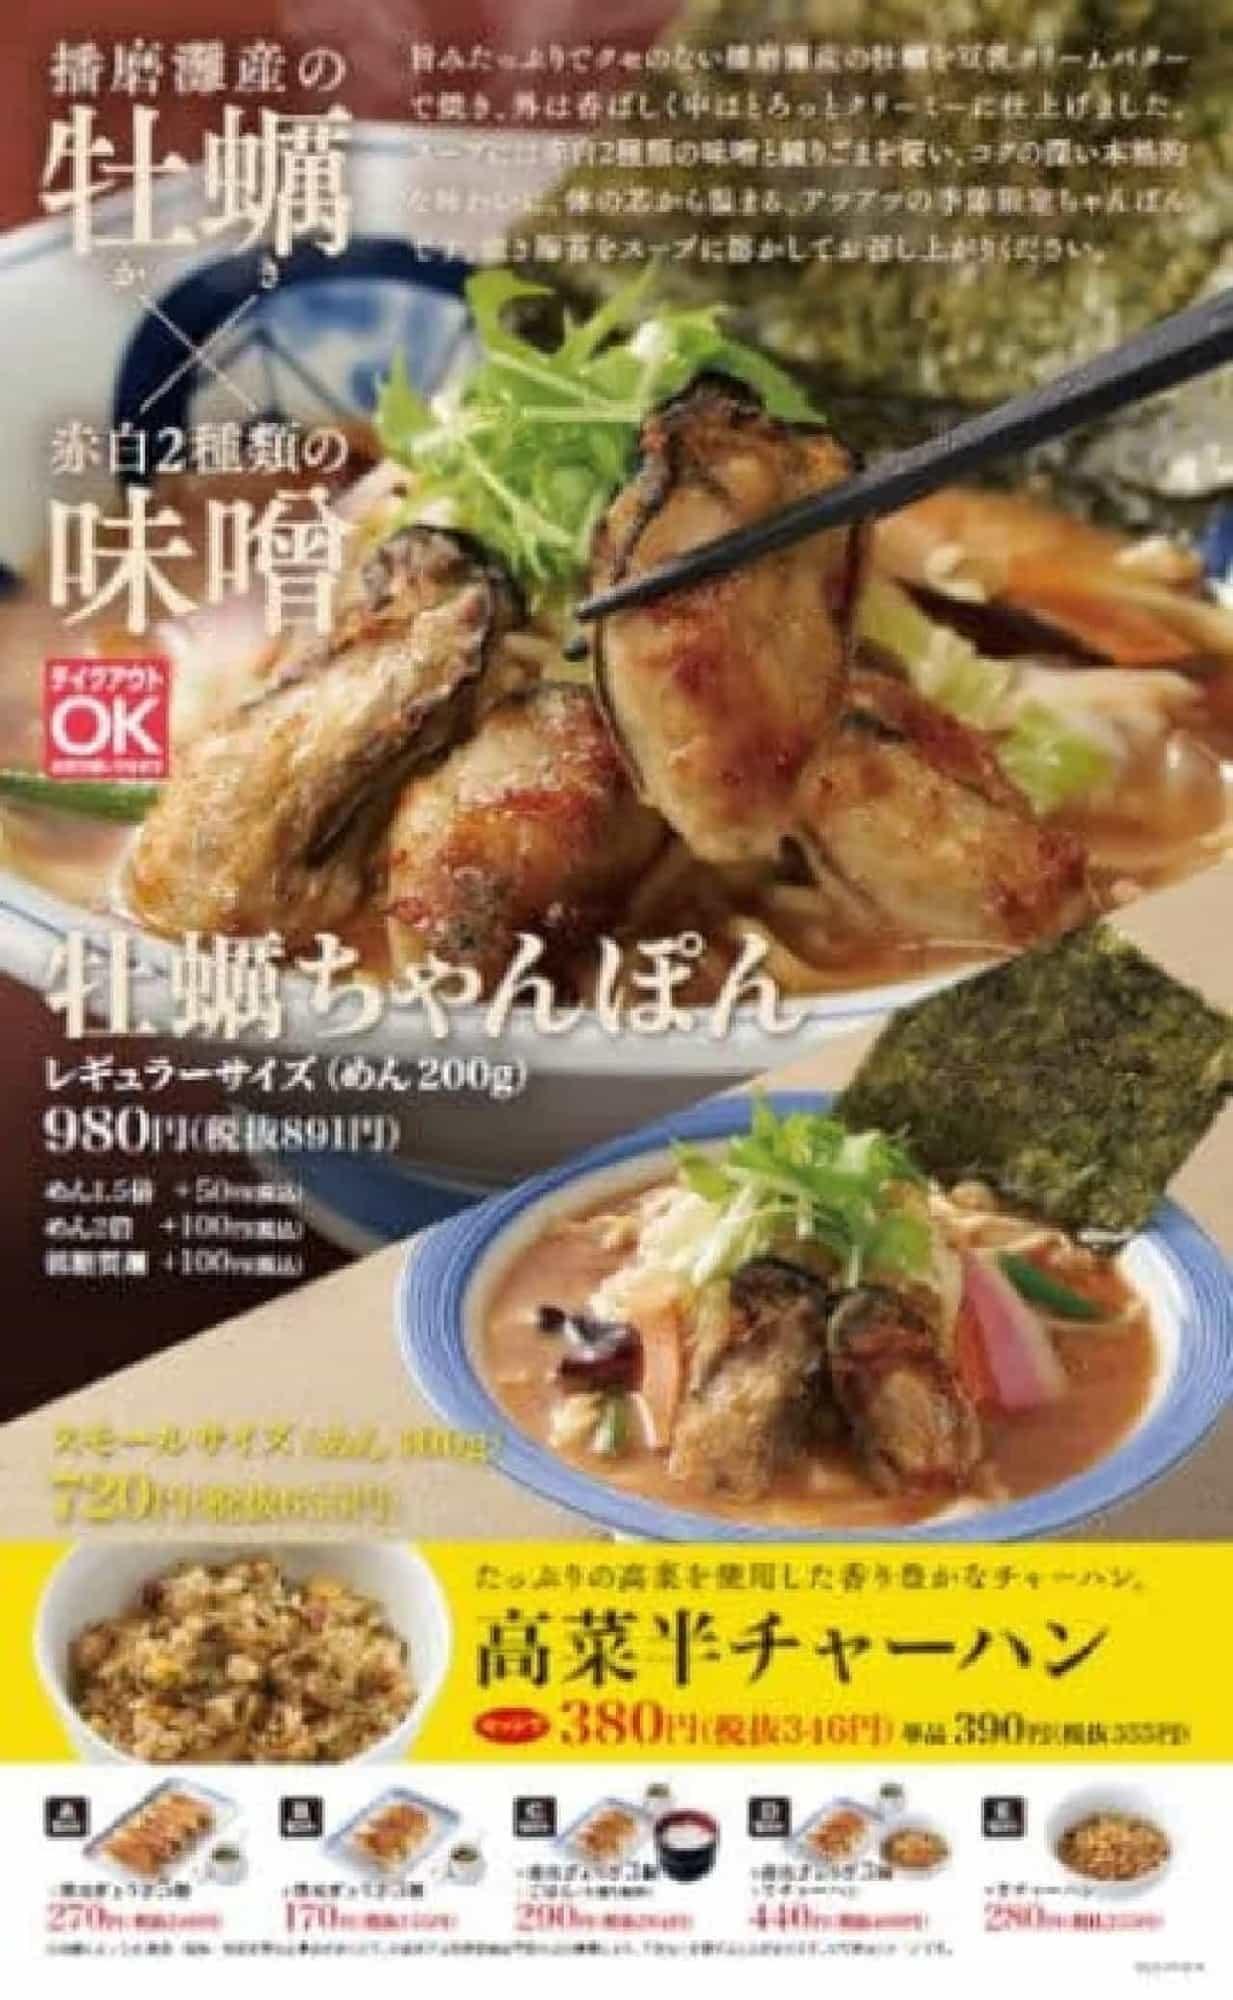 リンガーハット「牡蠣ちゃんぽん」「高菜半チャーハン」